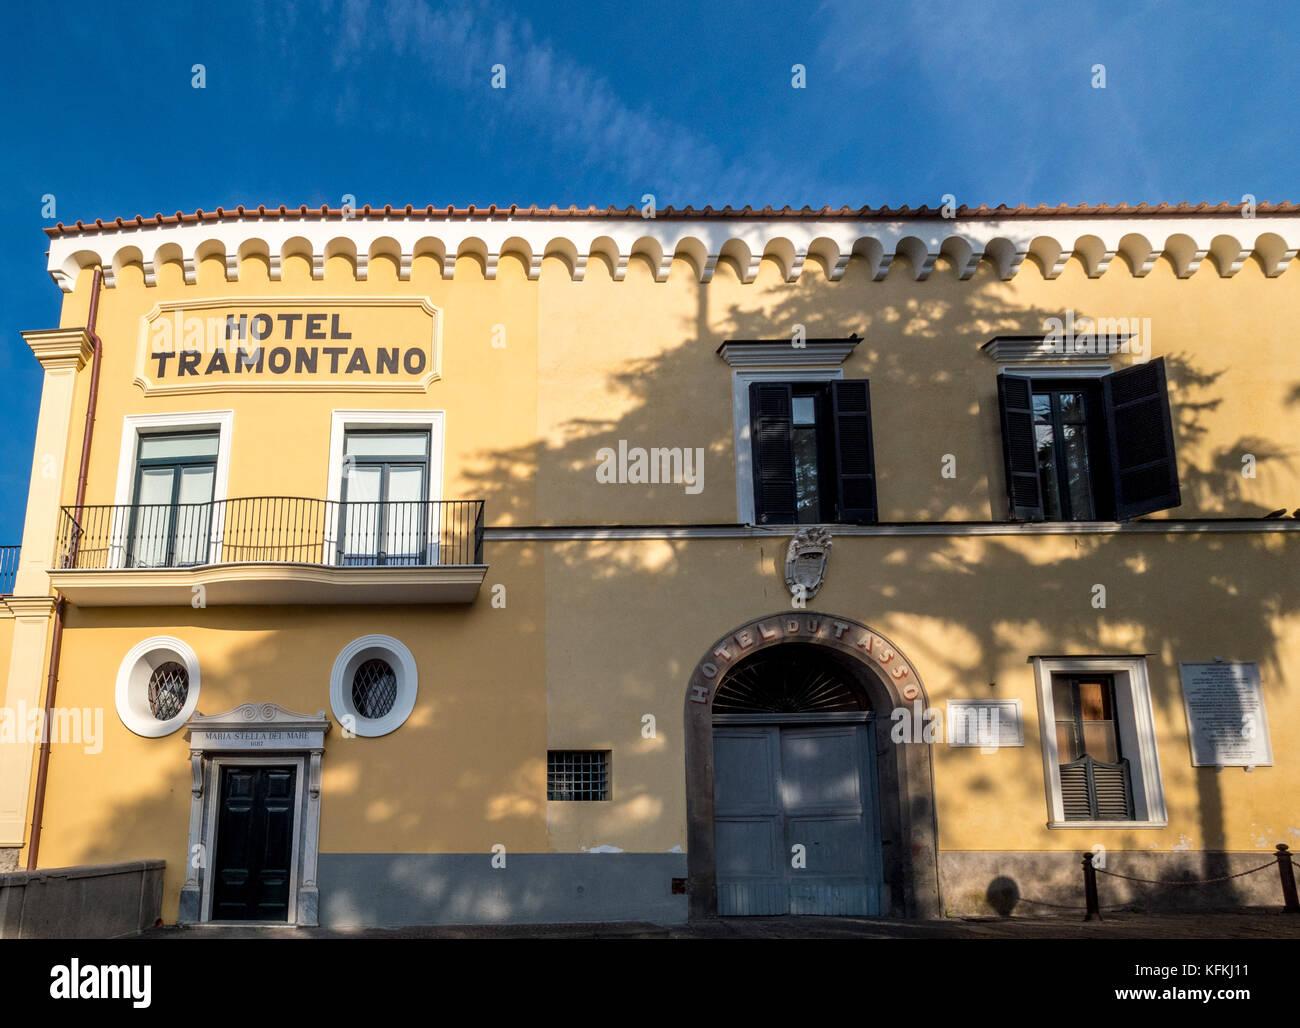 """Tramontano Hotel. Geburtsort der berühmten italienischen Dichter Torquato Tasso, Autor von: """"Jerusalem Stockbild"""